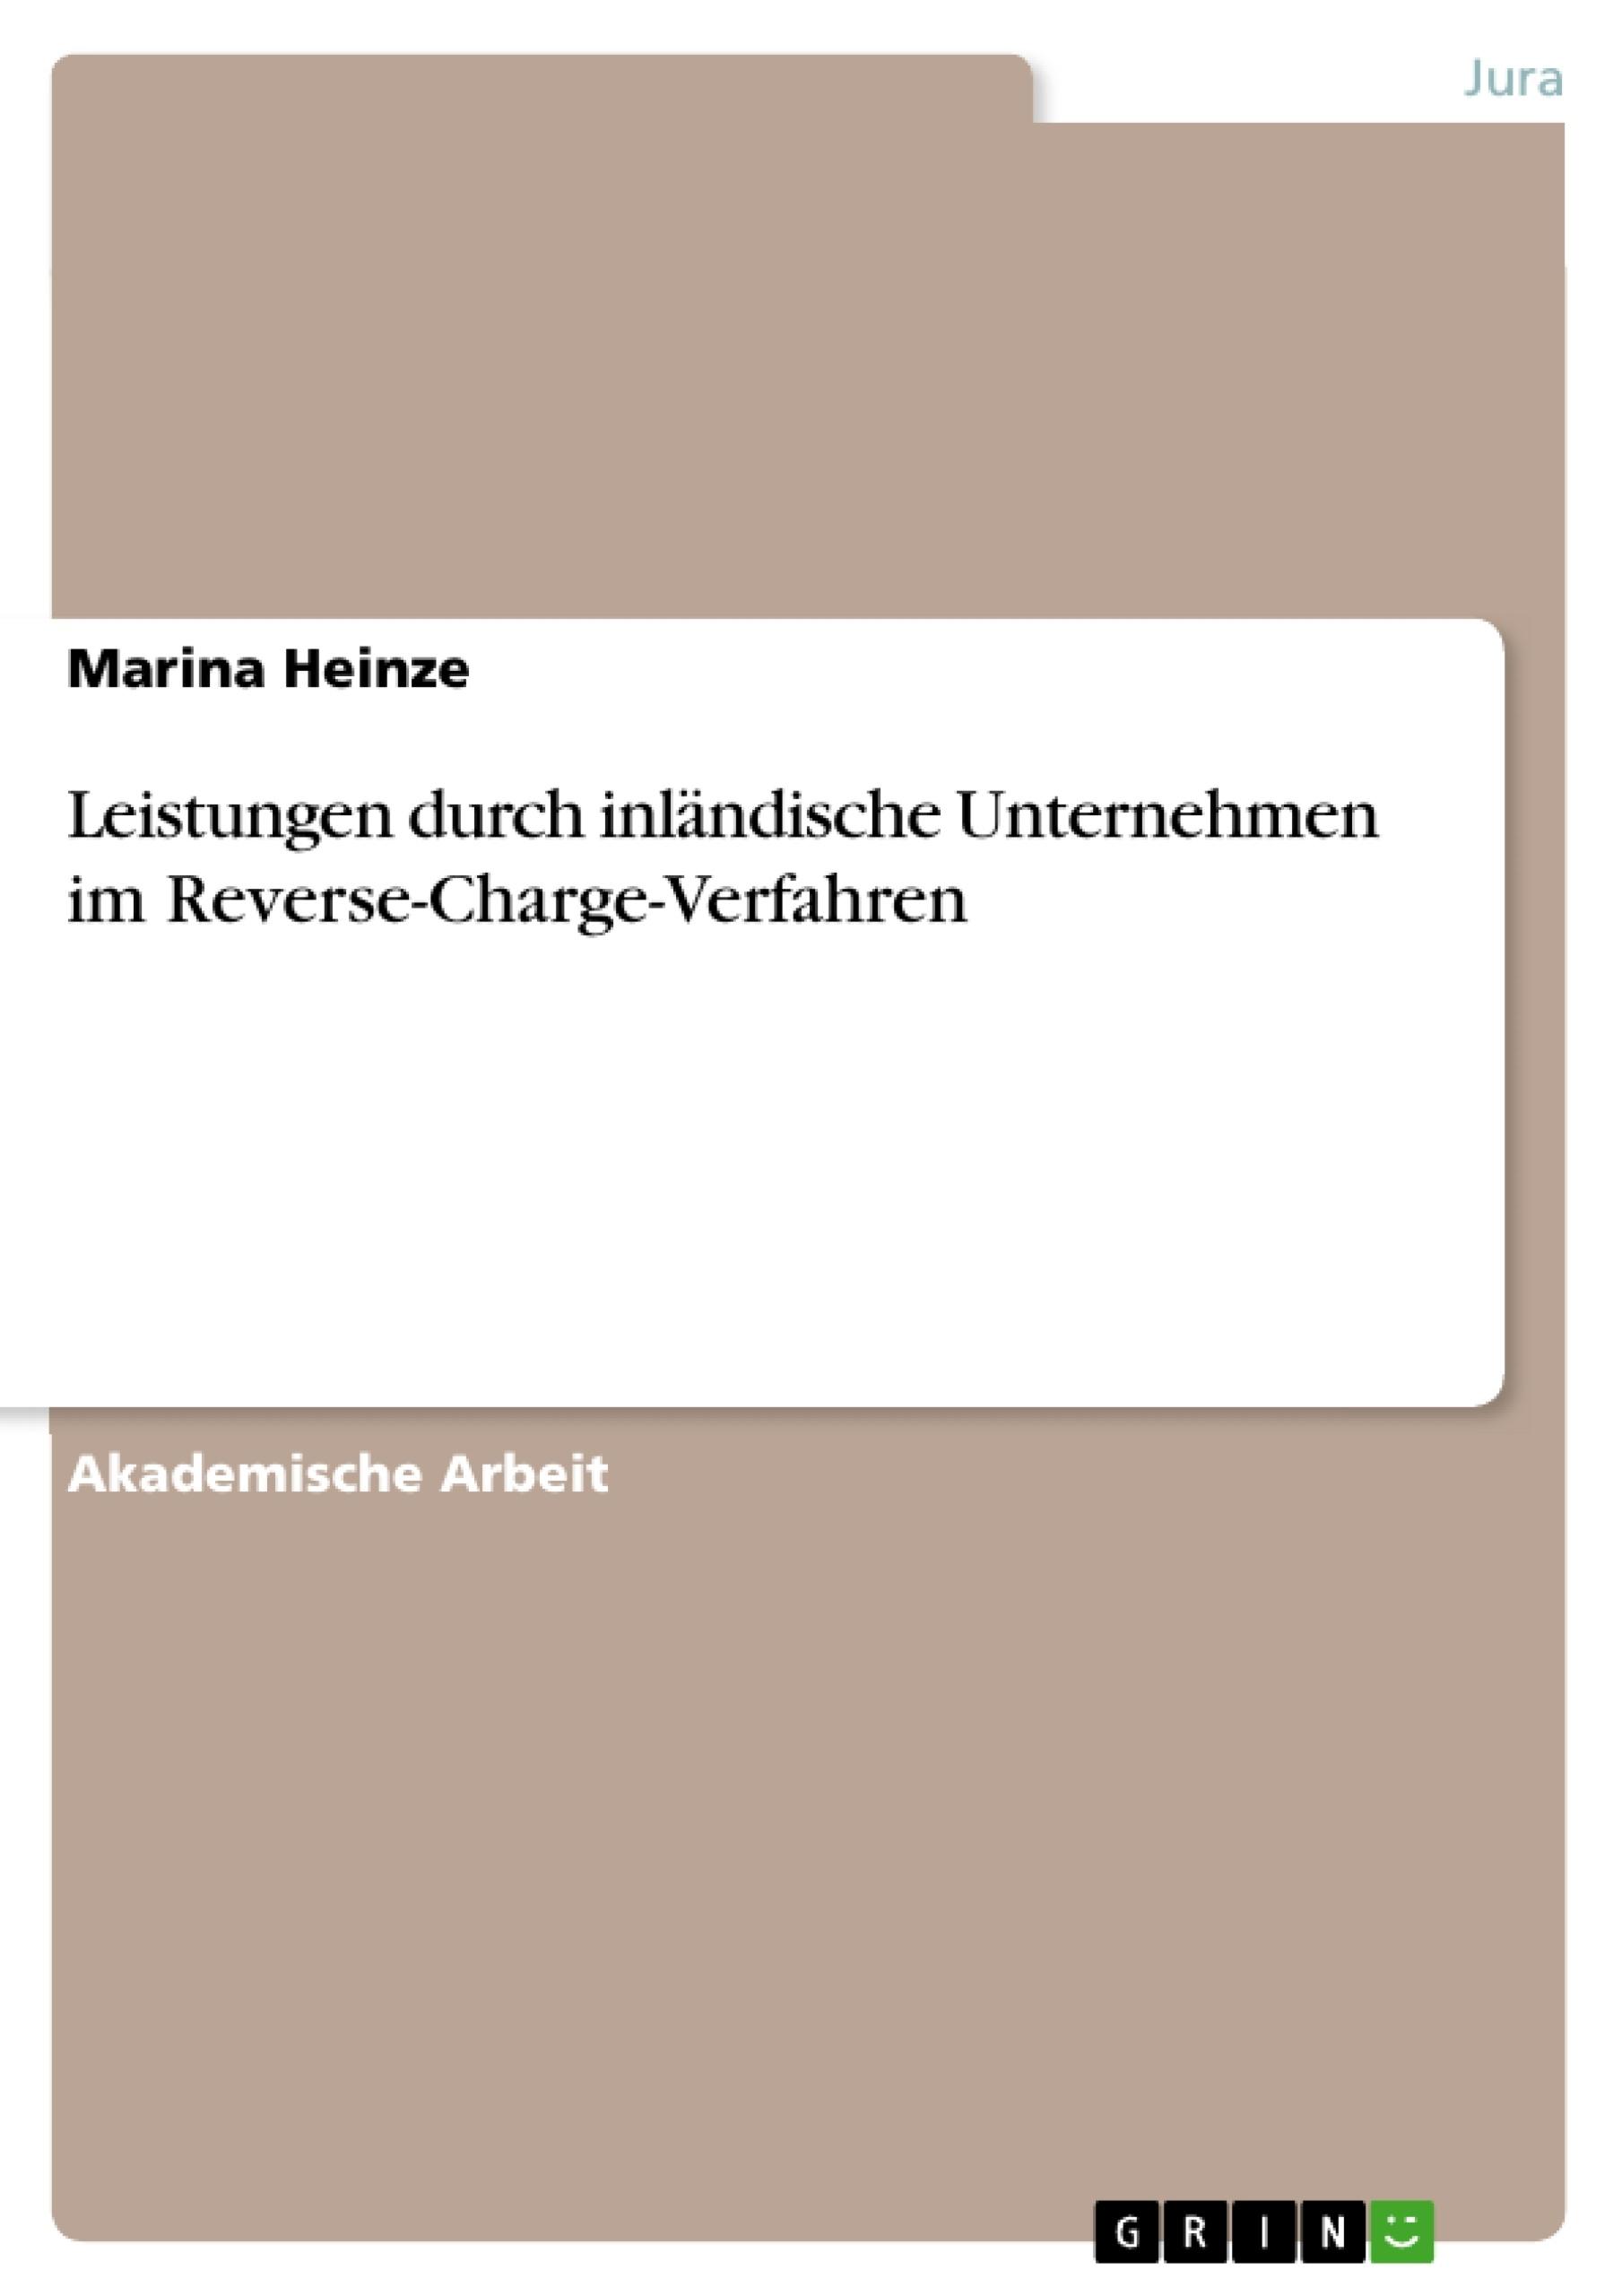 Titel: Leistungen durch inländische Unternehmen im Reverse-Charge-Verfahren